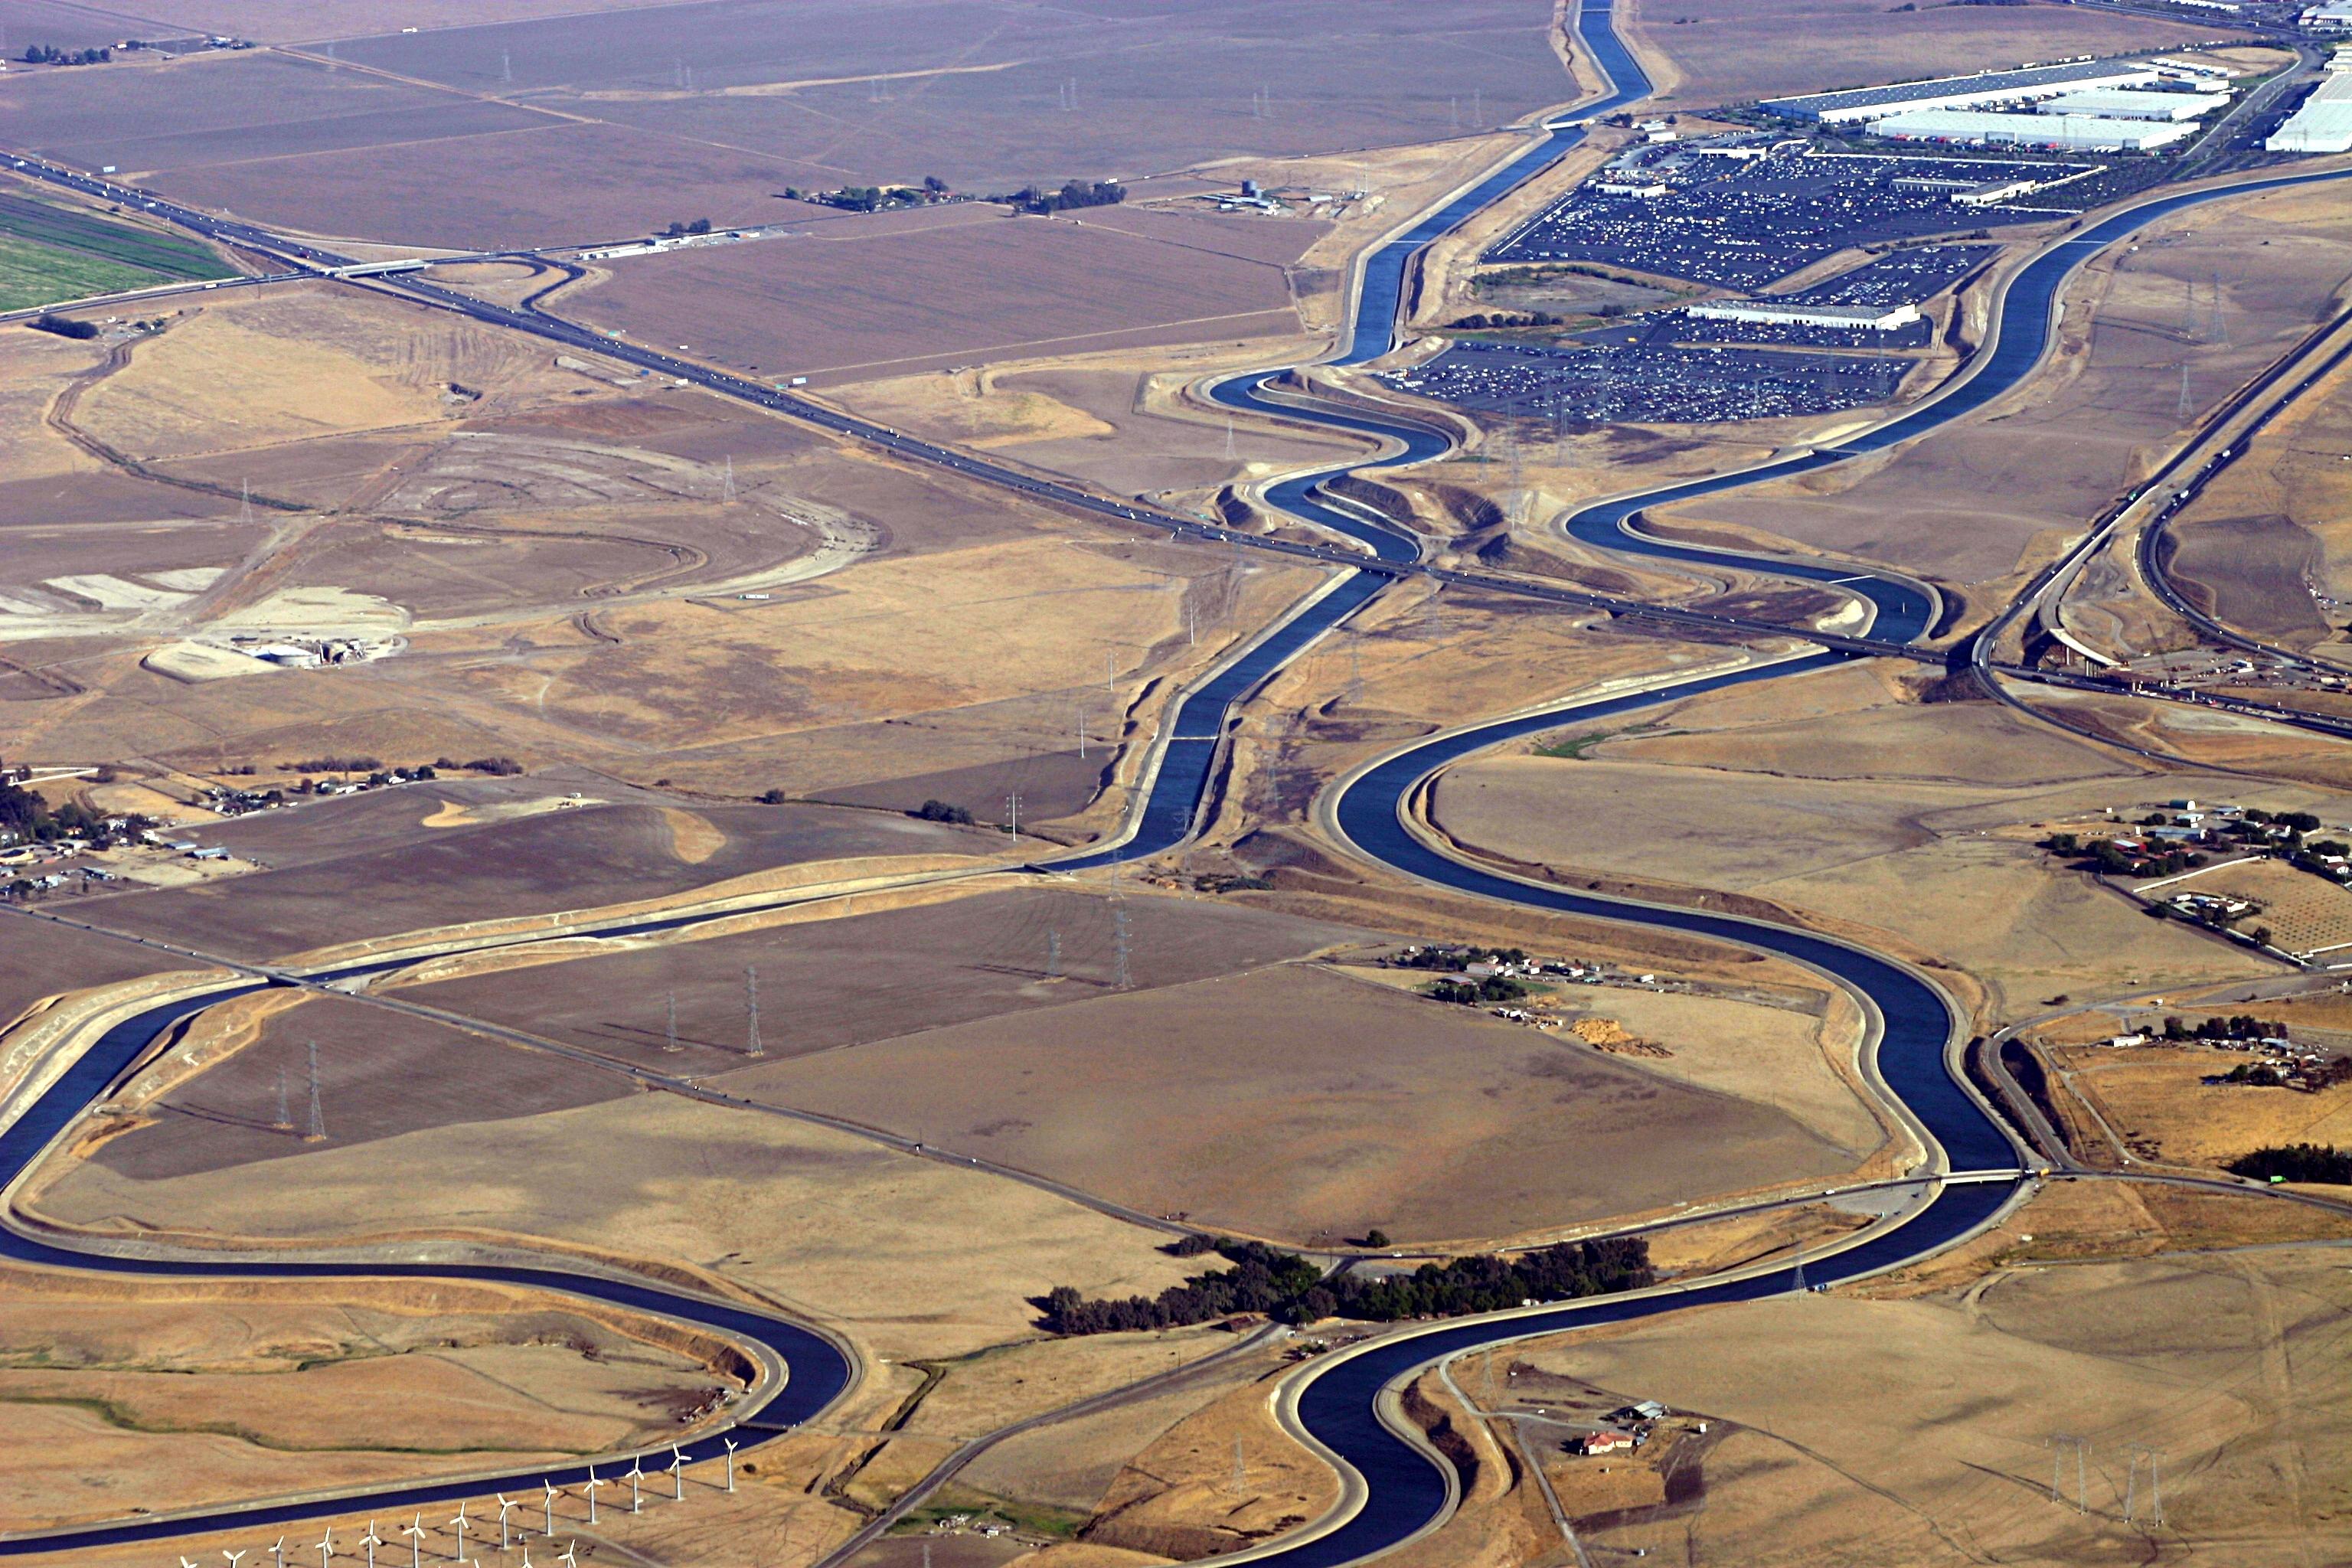 Kluft-Photo-Aerial-I205-California-Aqueduct-Img_0038